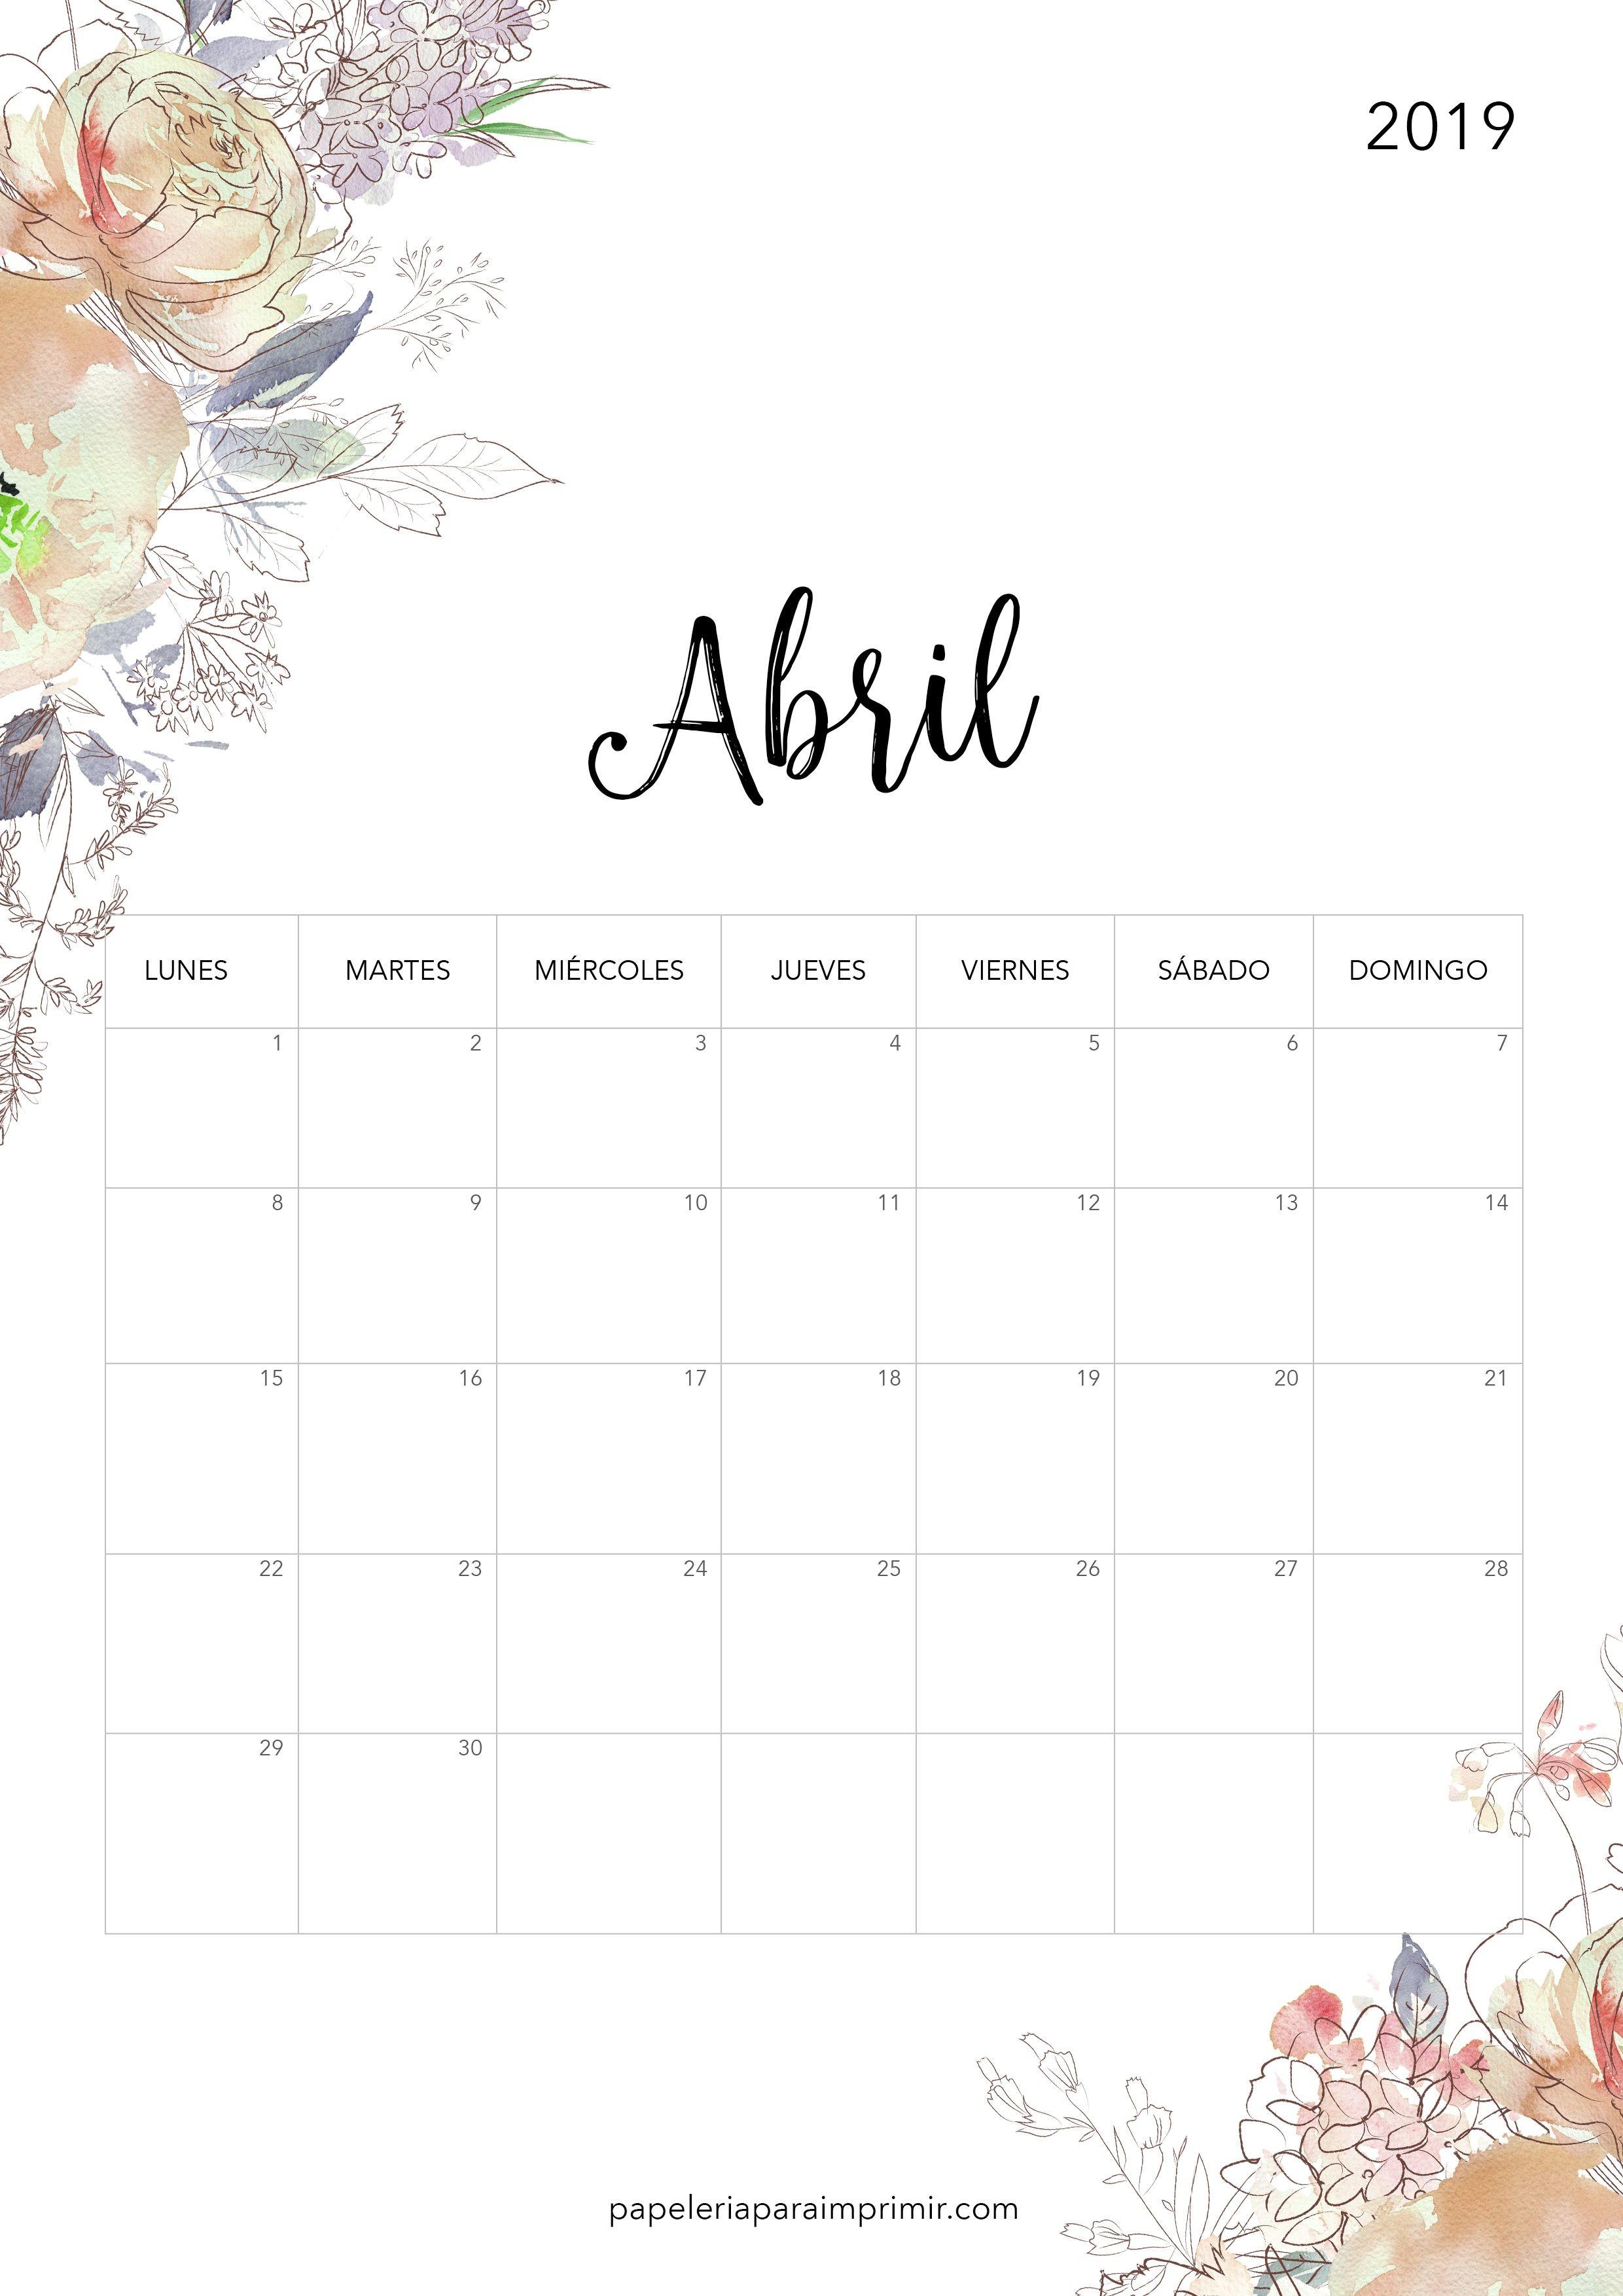 Calendario Enero 2019 Para Imprimir Más Recientes Calendario Para Imprimir 2019 Abril Calendario Imprimir Of Calendario Enero 2019 Para Imprimir Más Recientemente Liberado Avisos Pºblicos Ciudad De Bayam³n